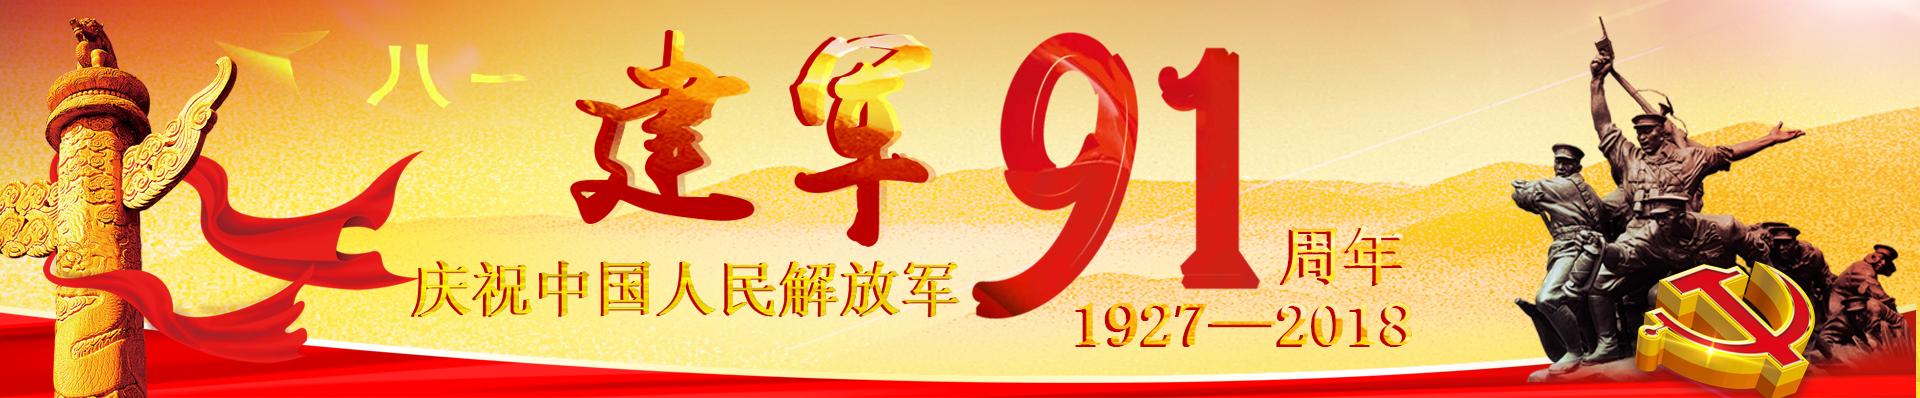 庆祝中国人民解放军建军91周年